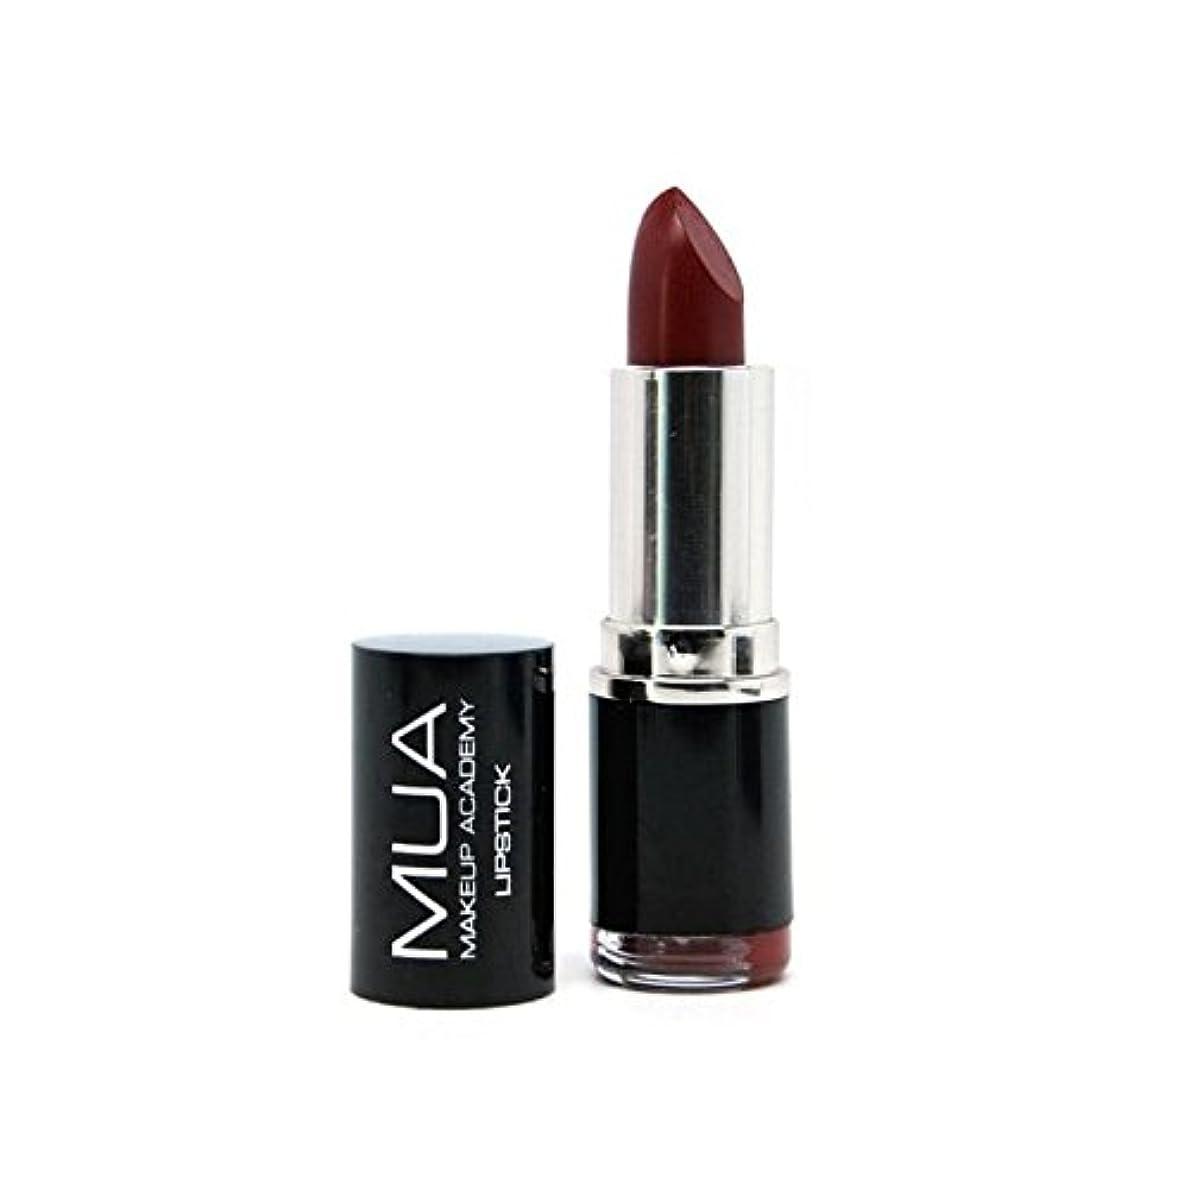 一回増幅器チロの口紅 - 日陰1 x2 - MUA Lipstick - Shade 1 (Pack of 2) [並行輸入品]